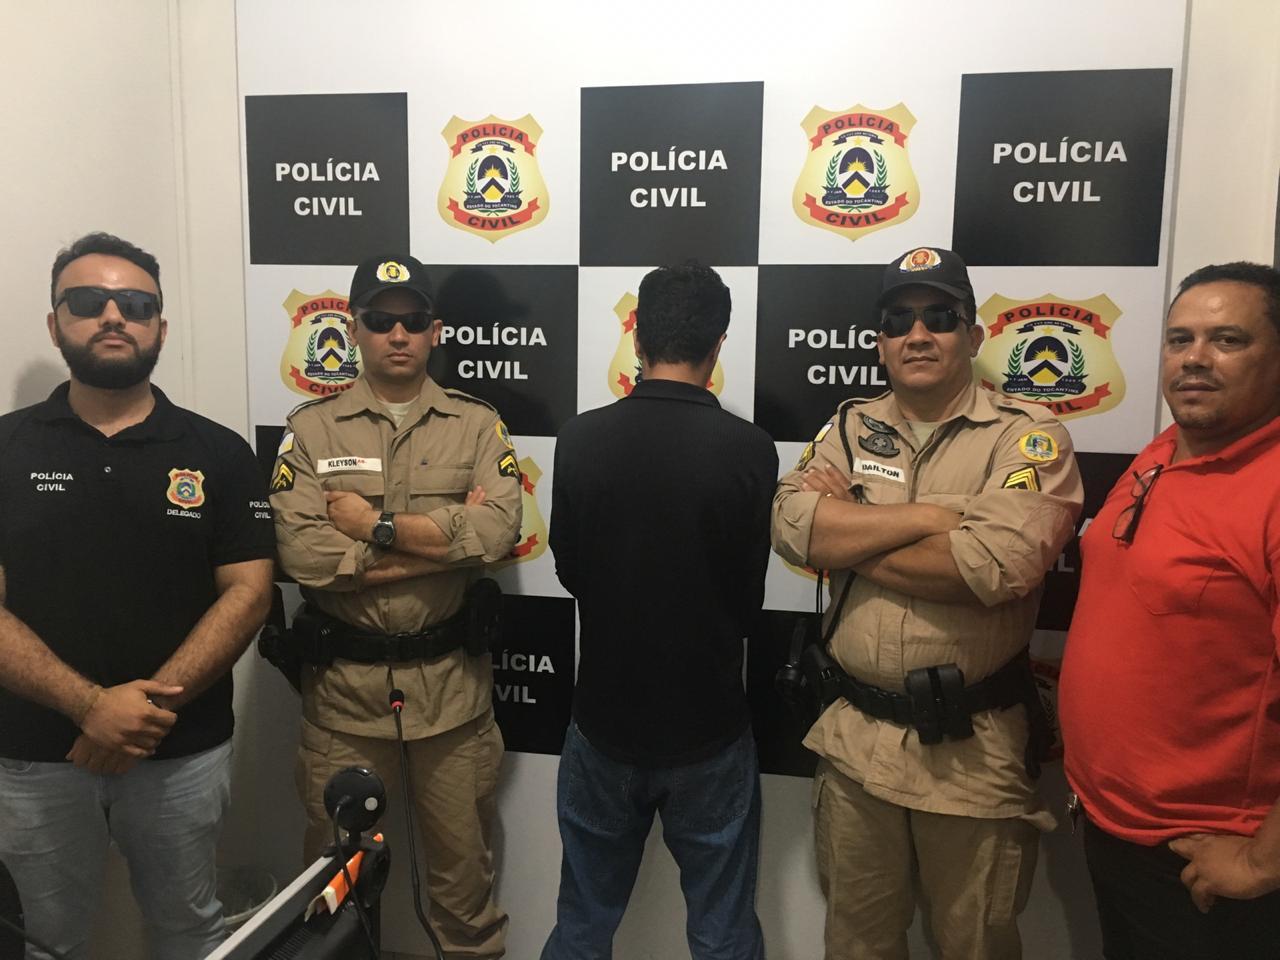 Suspeito de tentativa de homicídio é preso pela Polícia Civil no interior do Estado